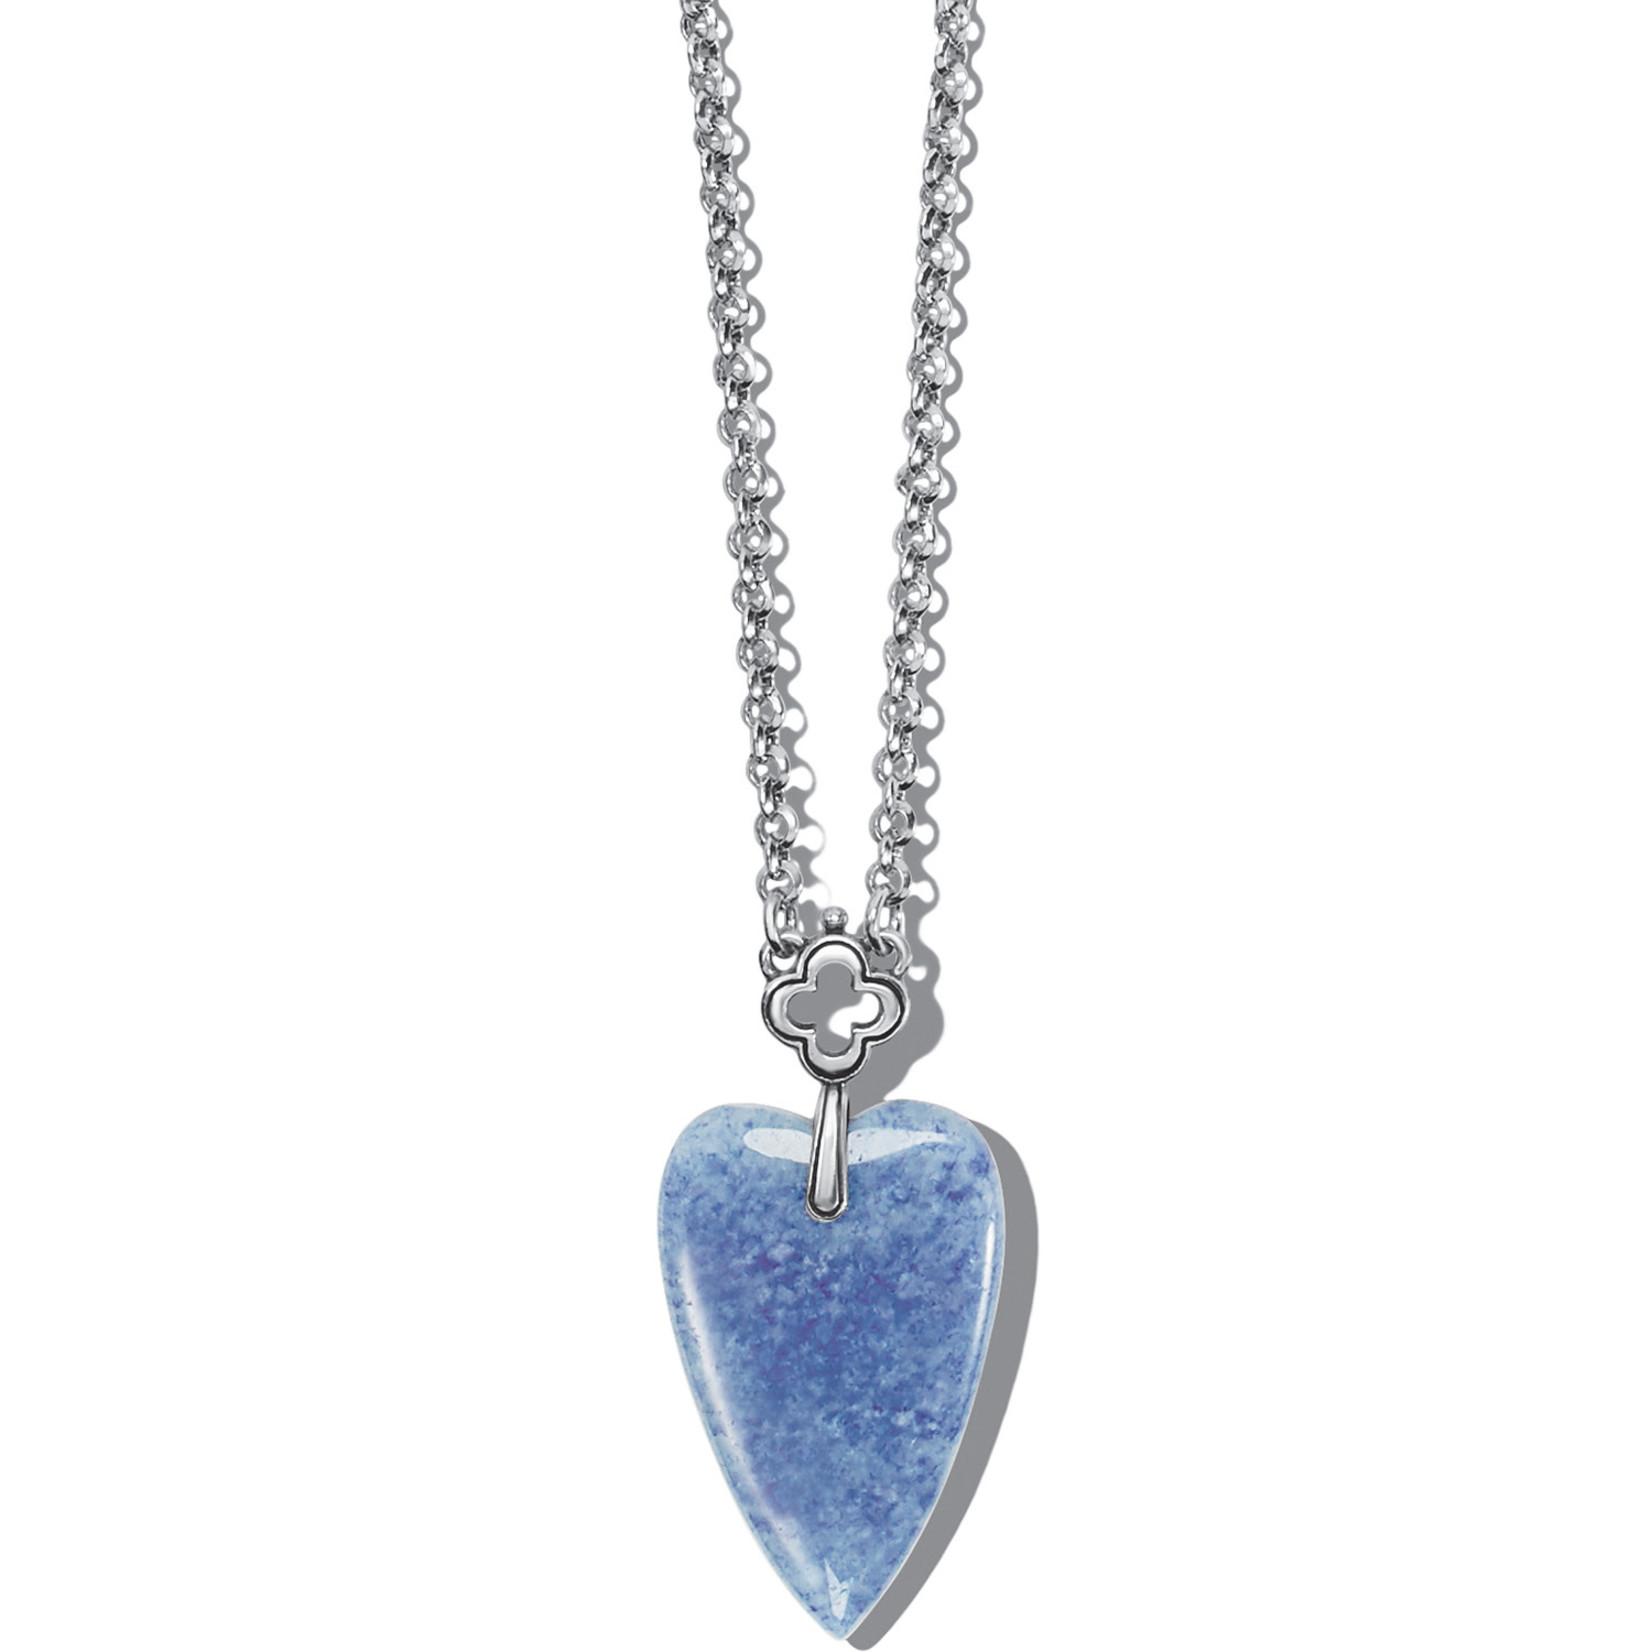 Brighton Toledo With Love Blue Quartz Necklace